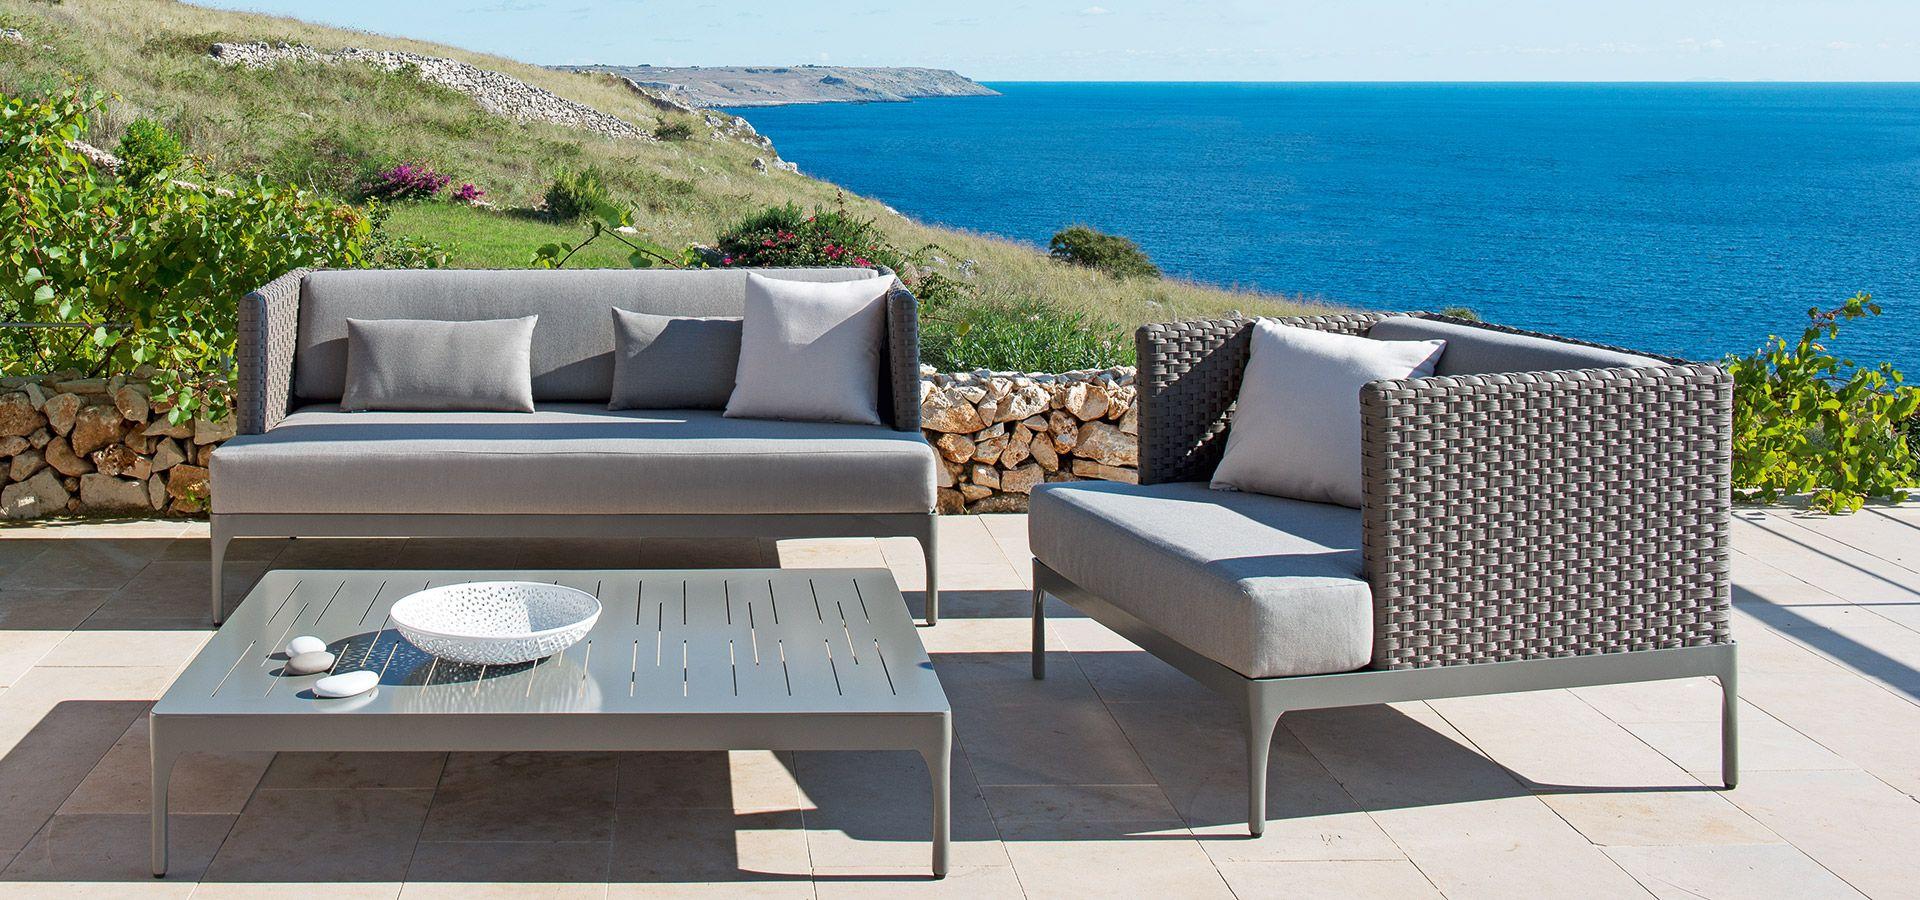 Salon de jardin haut de gamme. Sun mobilier Bordeaux lac | SUN ...